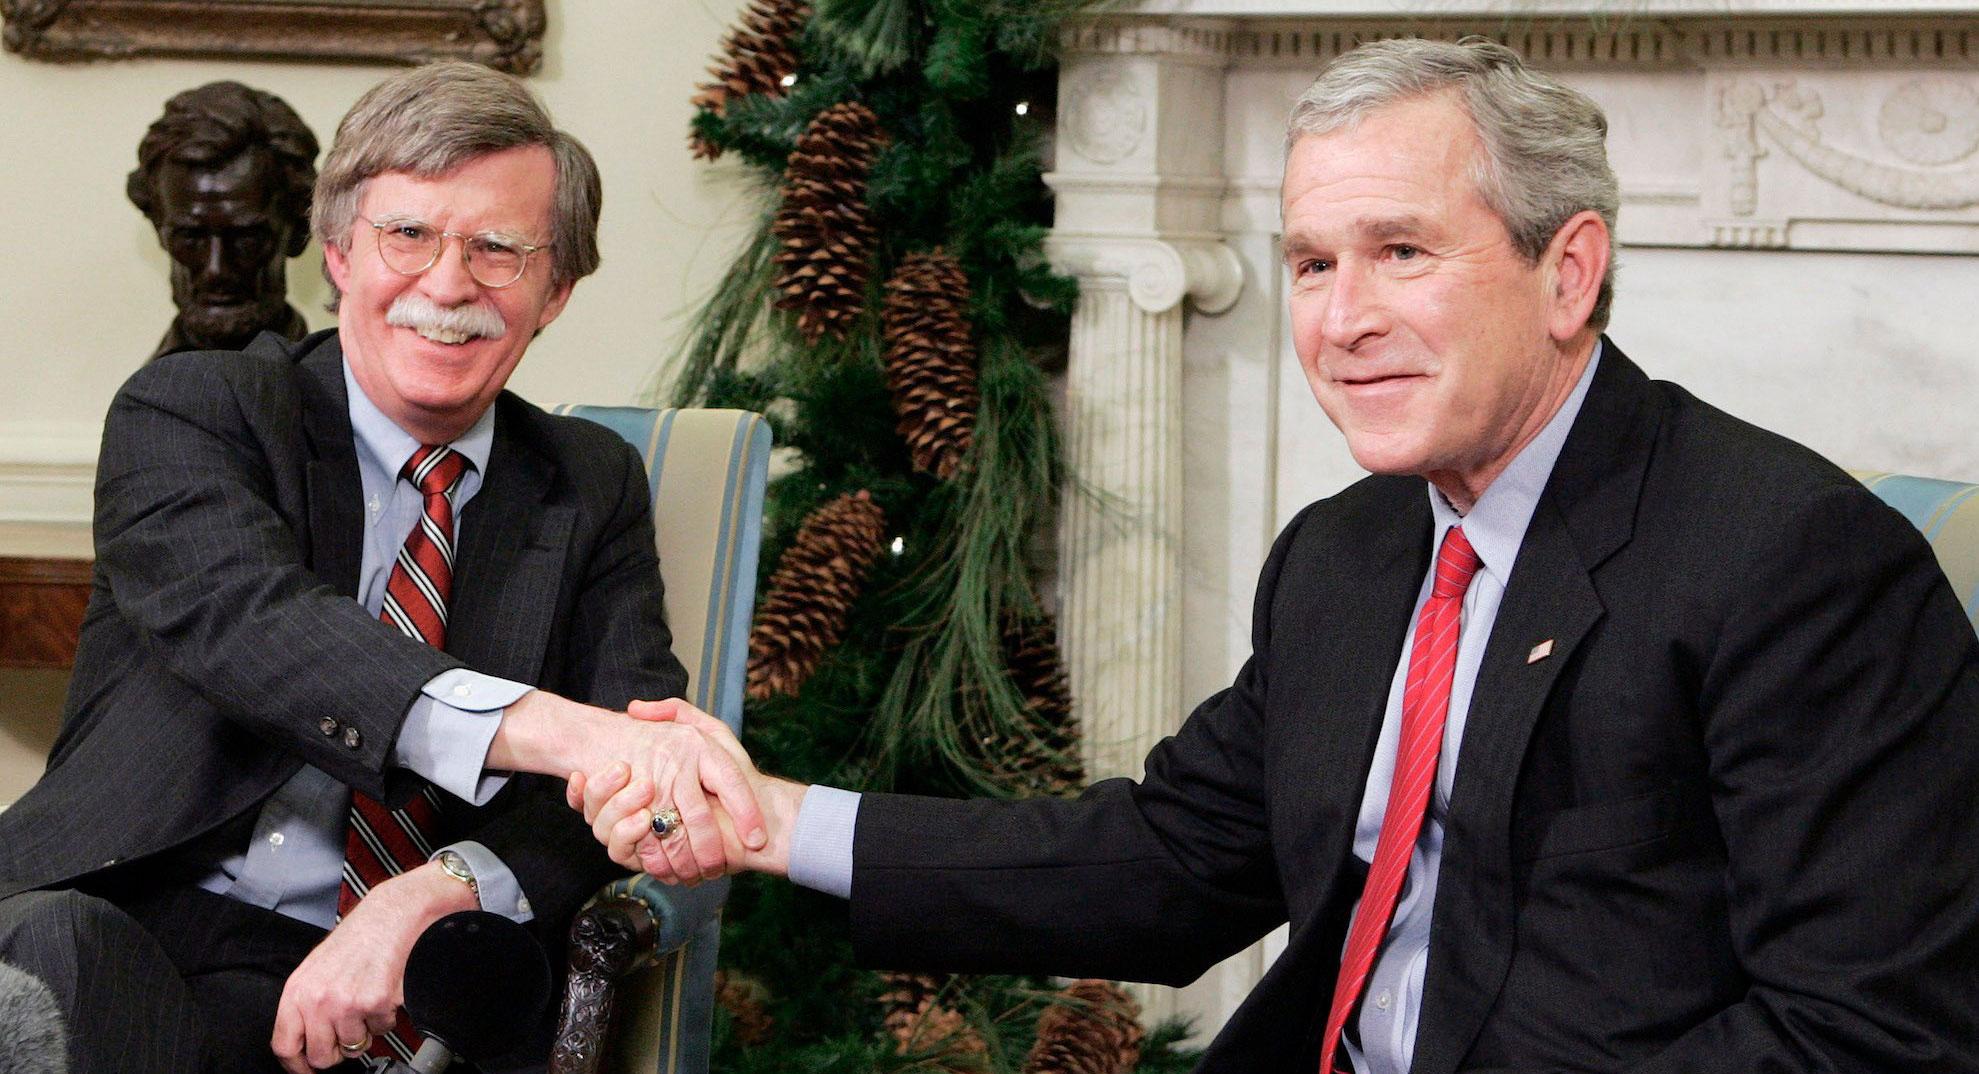 جان بولتون مشاور امنیت ملی رئیس جمهور آمریکا شد